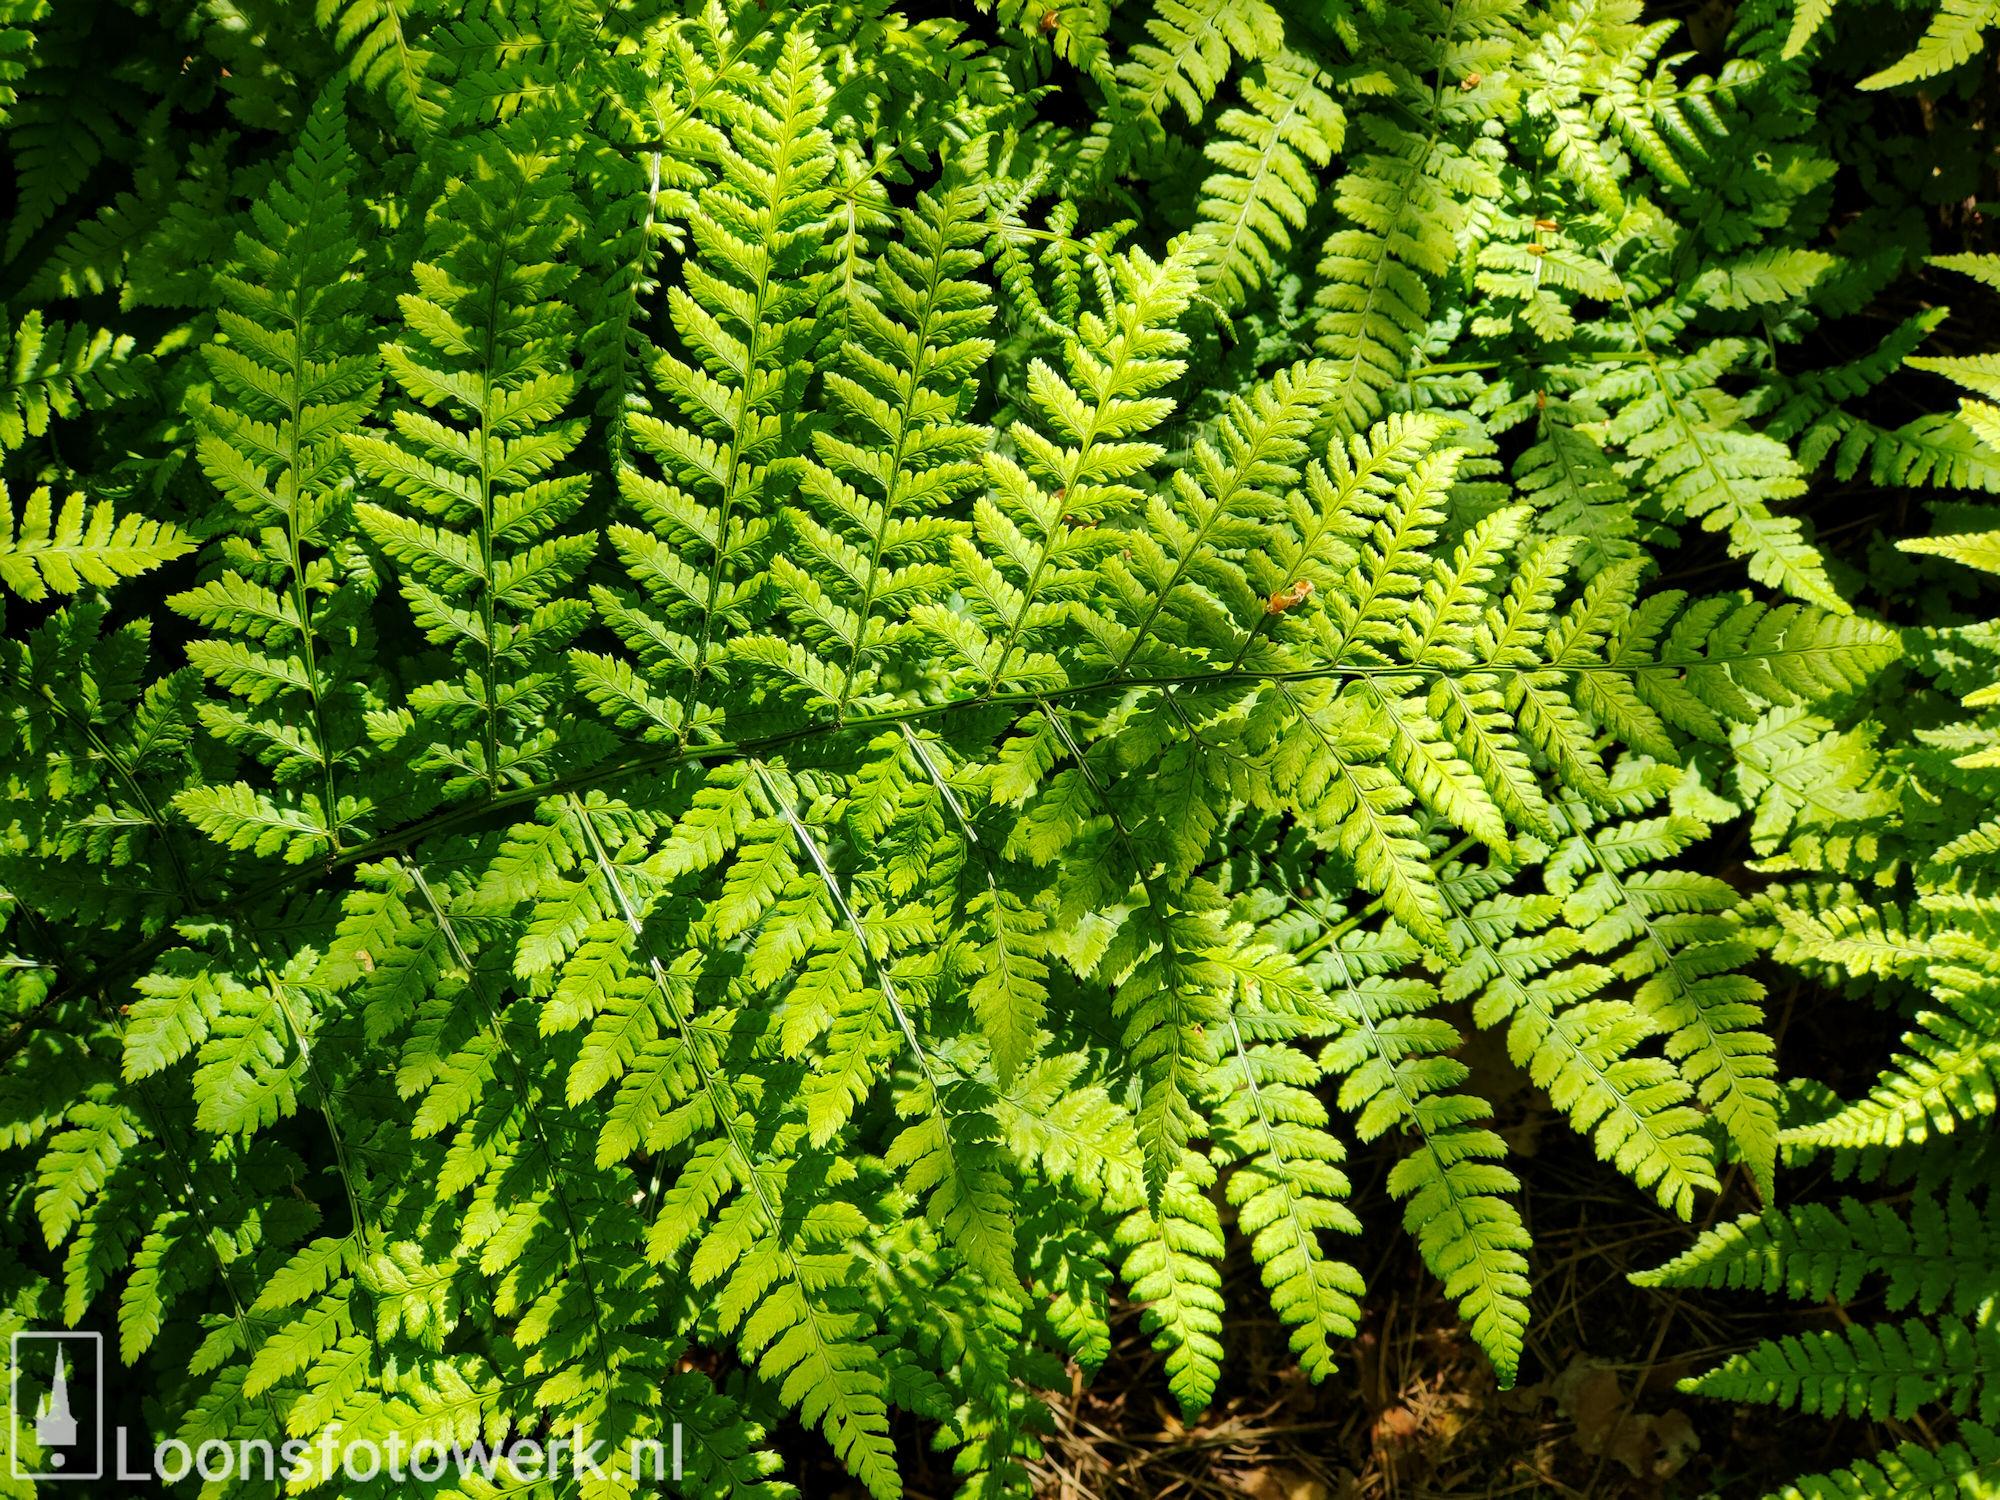 Fris groen in bosgebied 3